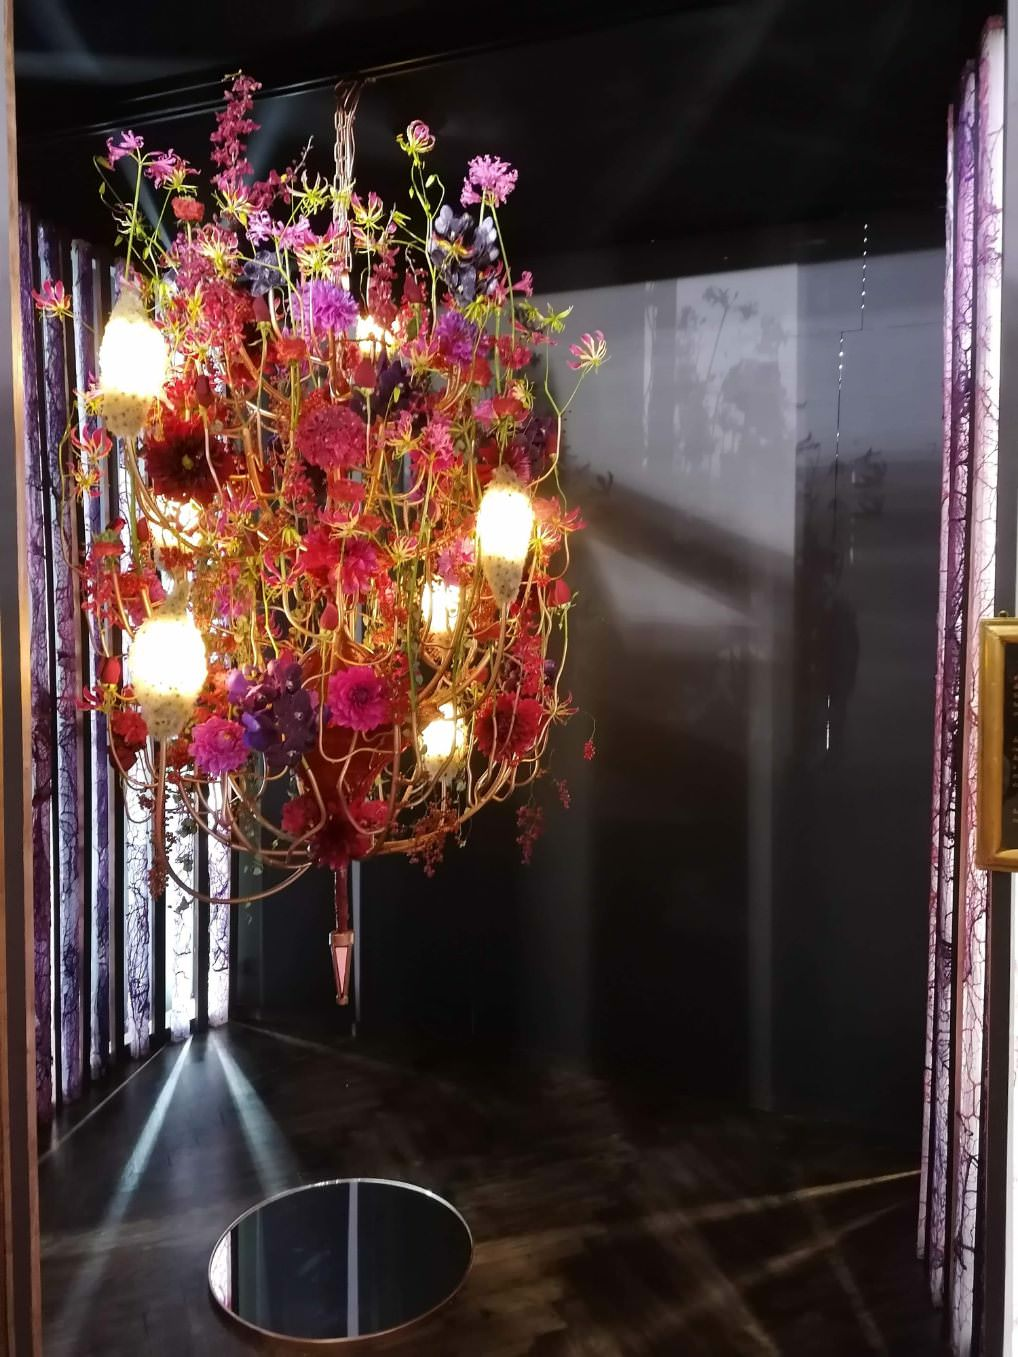 Le lustre, une création de Cédric Deshayes vice-champion de France fleuriste 2019